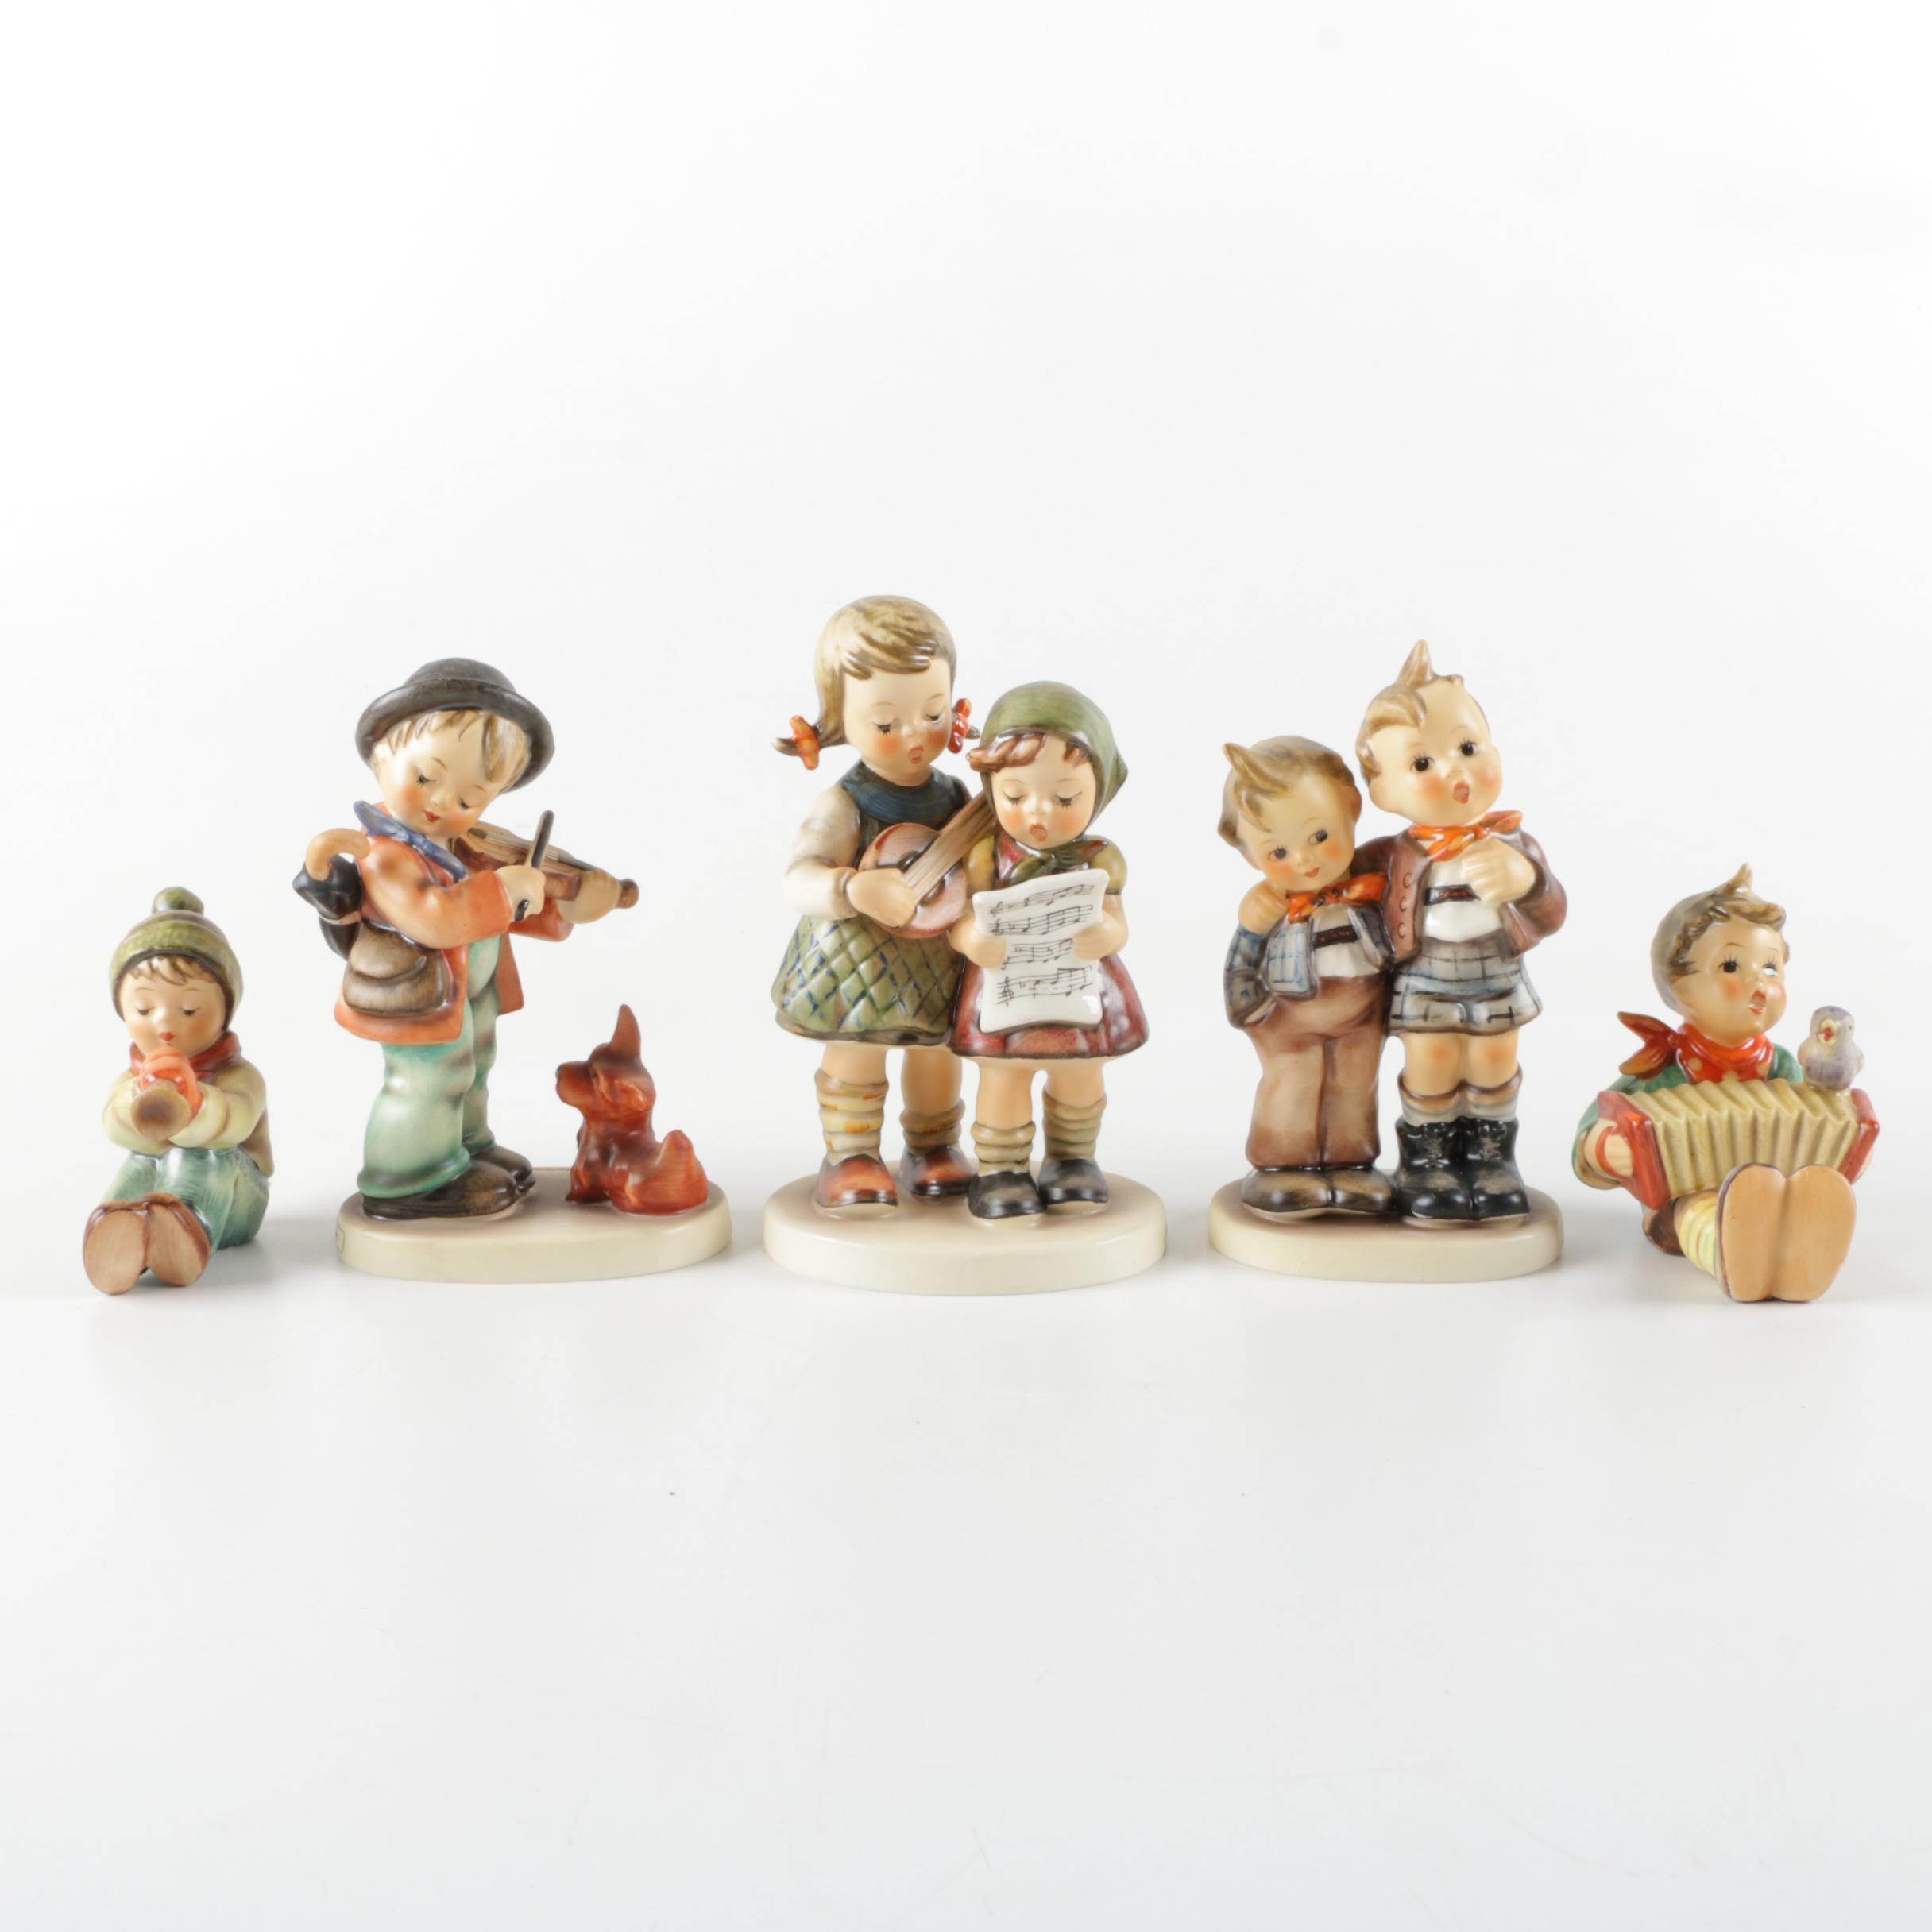 Goebel Hummel Musical Themed Figurines